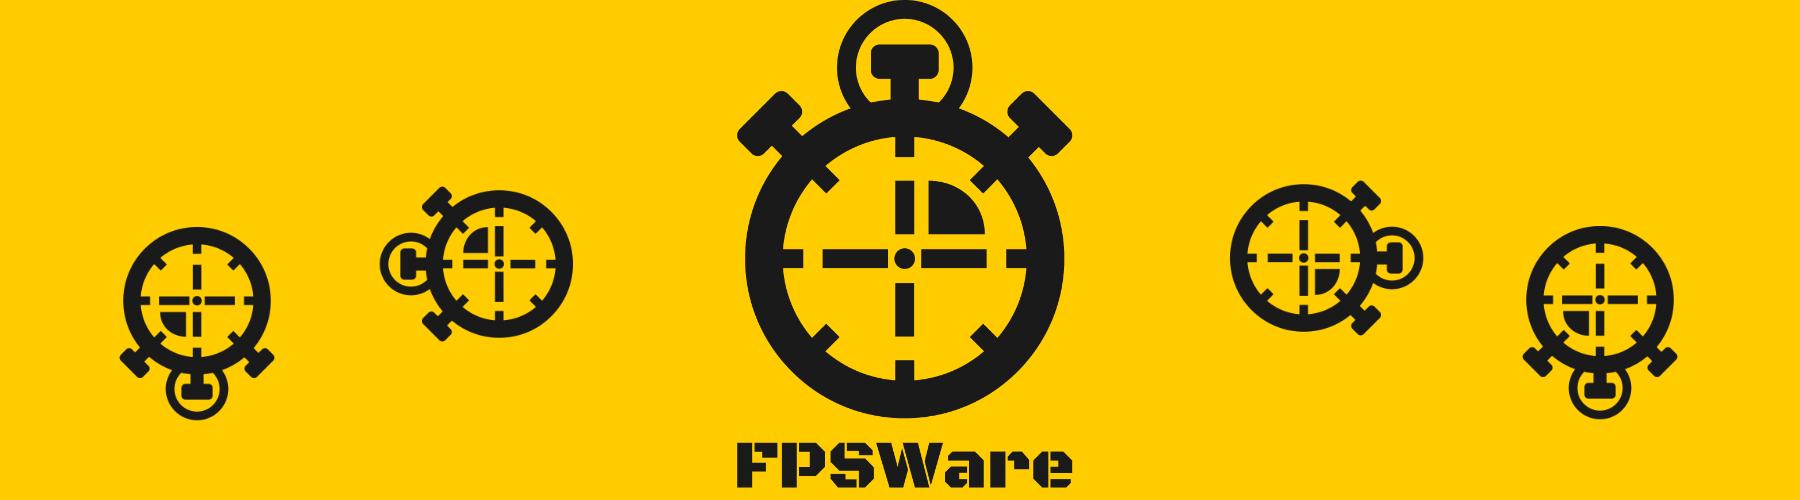 FPSWare